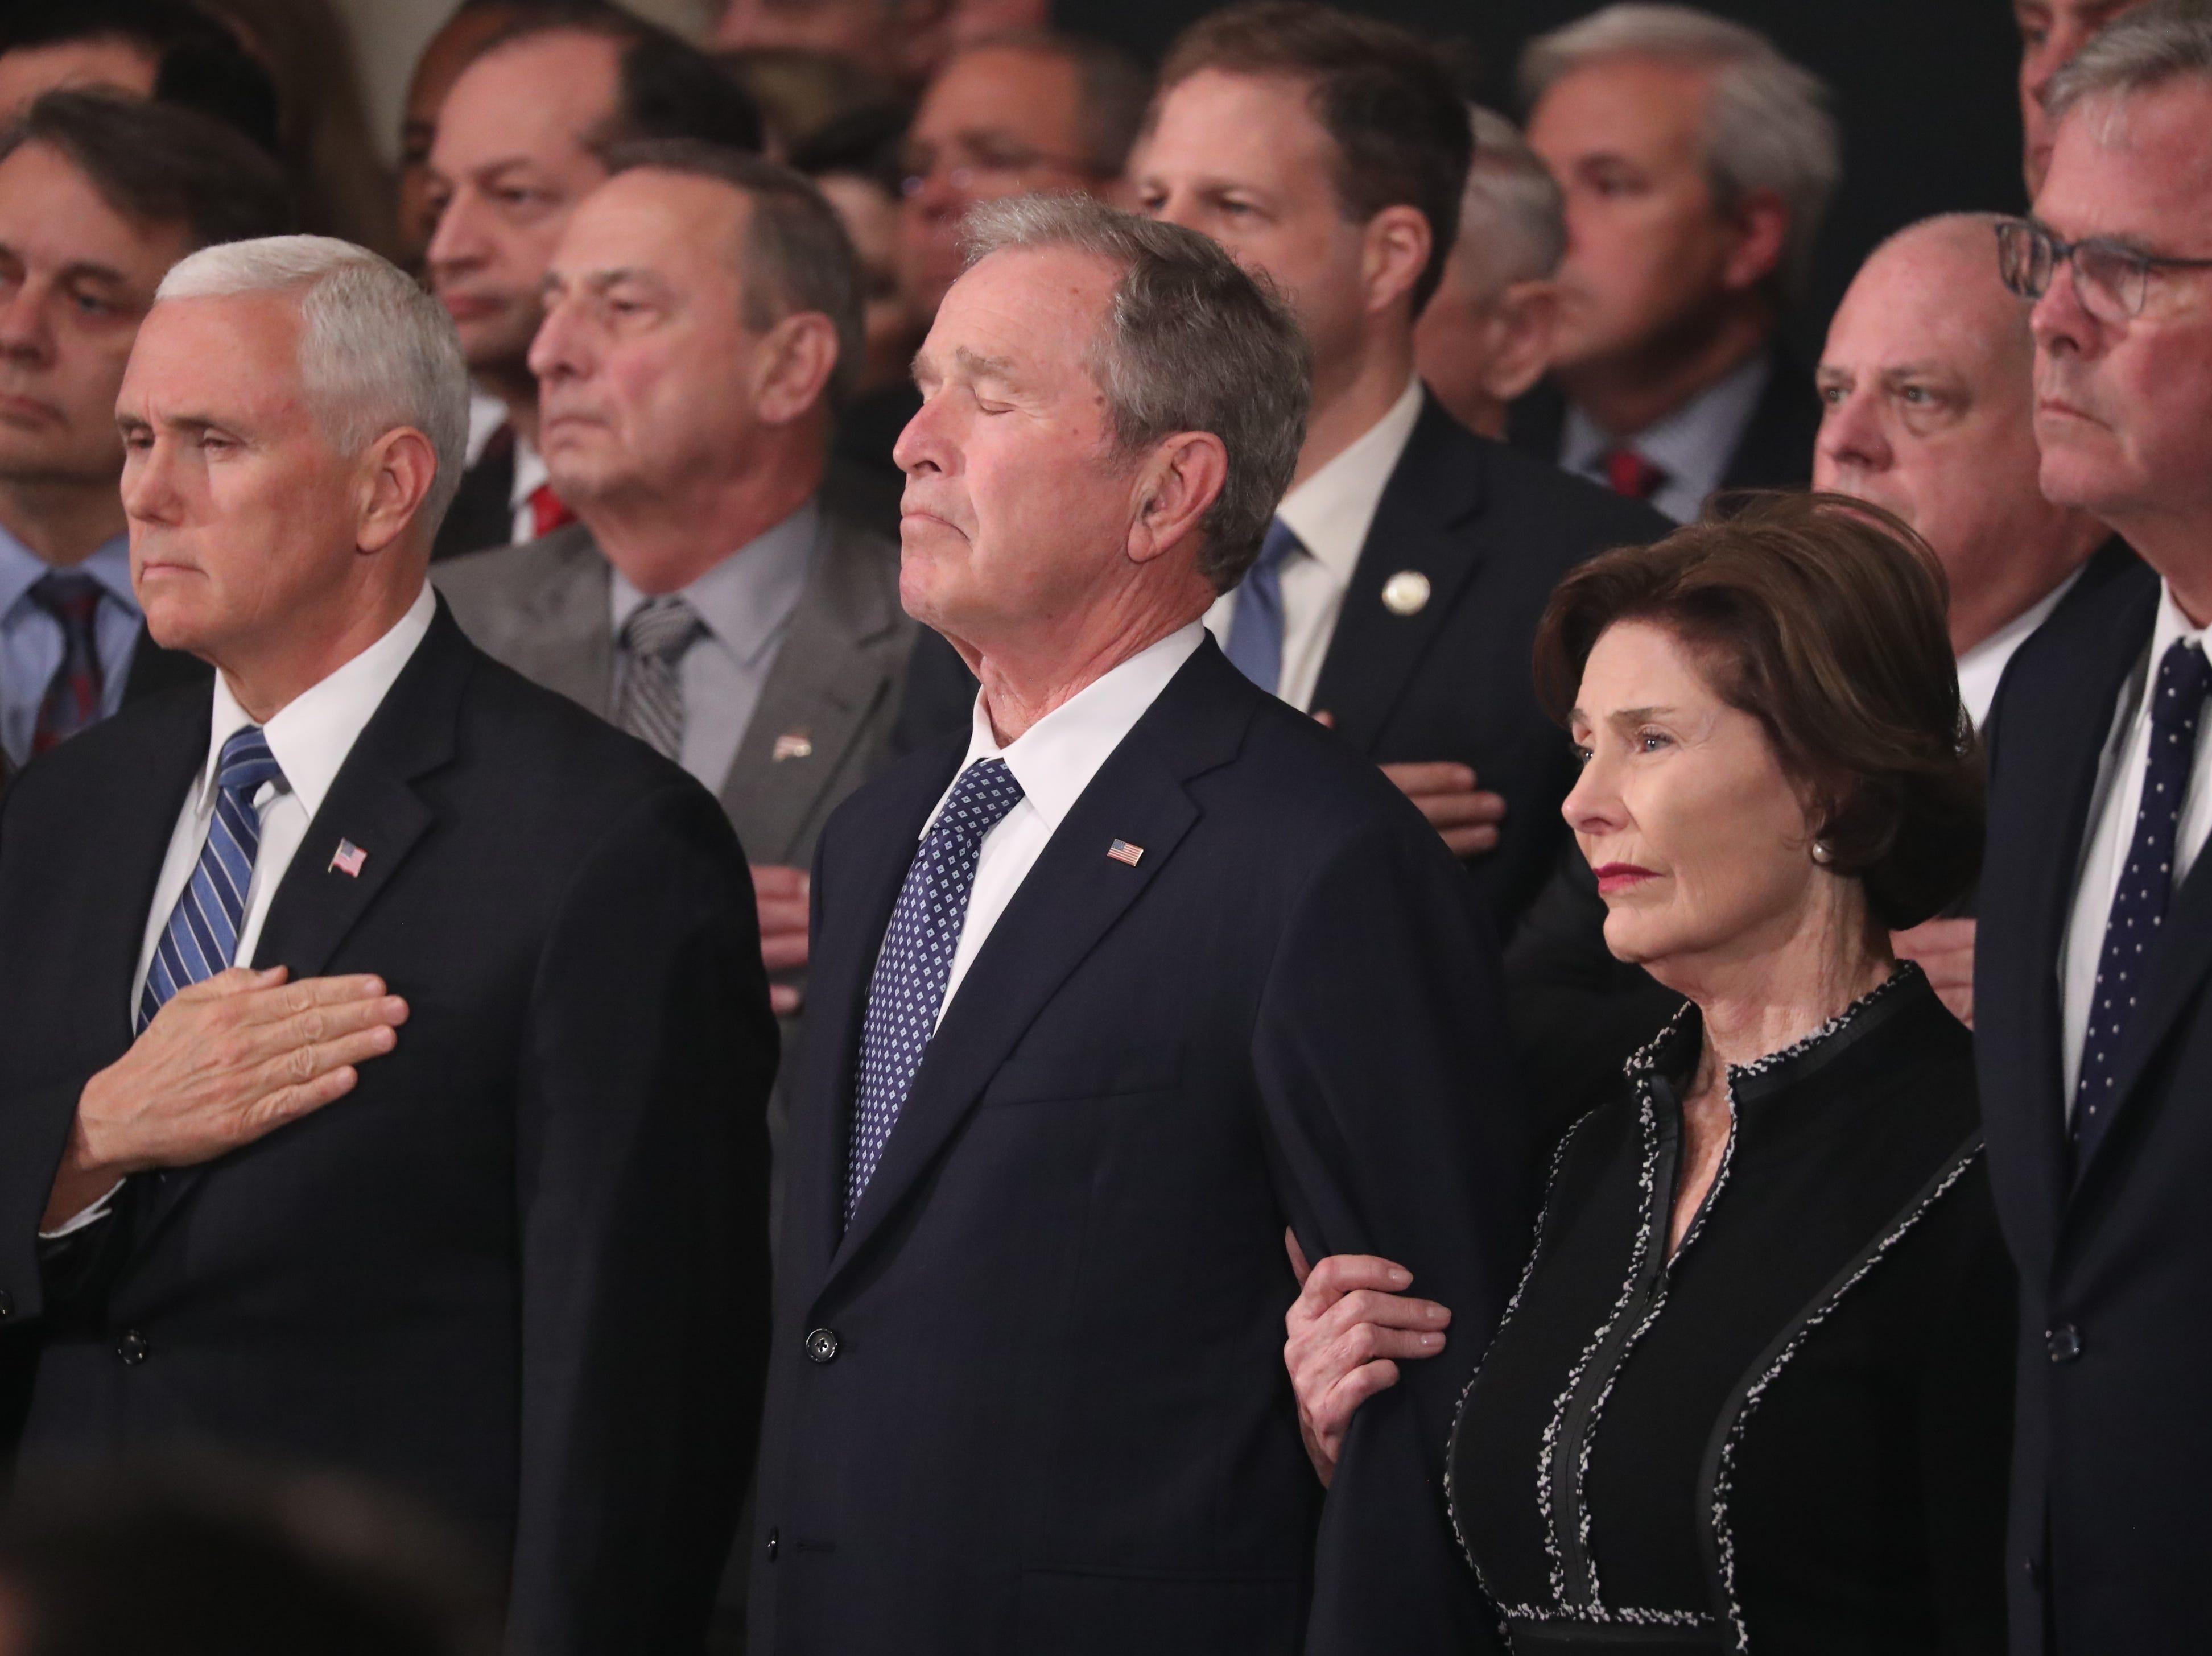 El vicepresidente Mike Pence, el ex presidente George W. Bush, la ex primera dama Laura Bush y el ex gobernador de Florida Jeb Bush observan como el ataúd del ex presidente George H.W. Bush llega a residir en el estado en la Rotunda del Capitolio de los EE. UU. el 3 de diciembre de 2018 en Washington, DC.